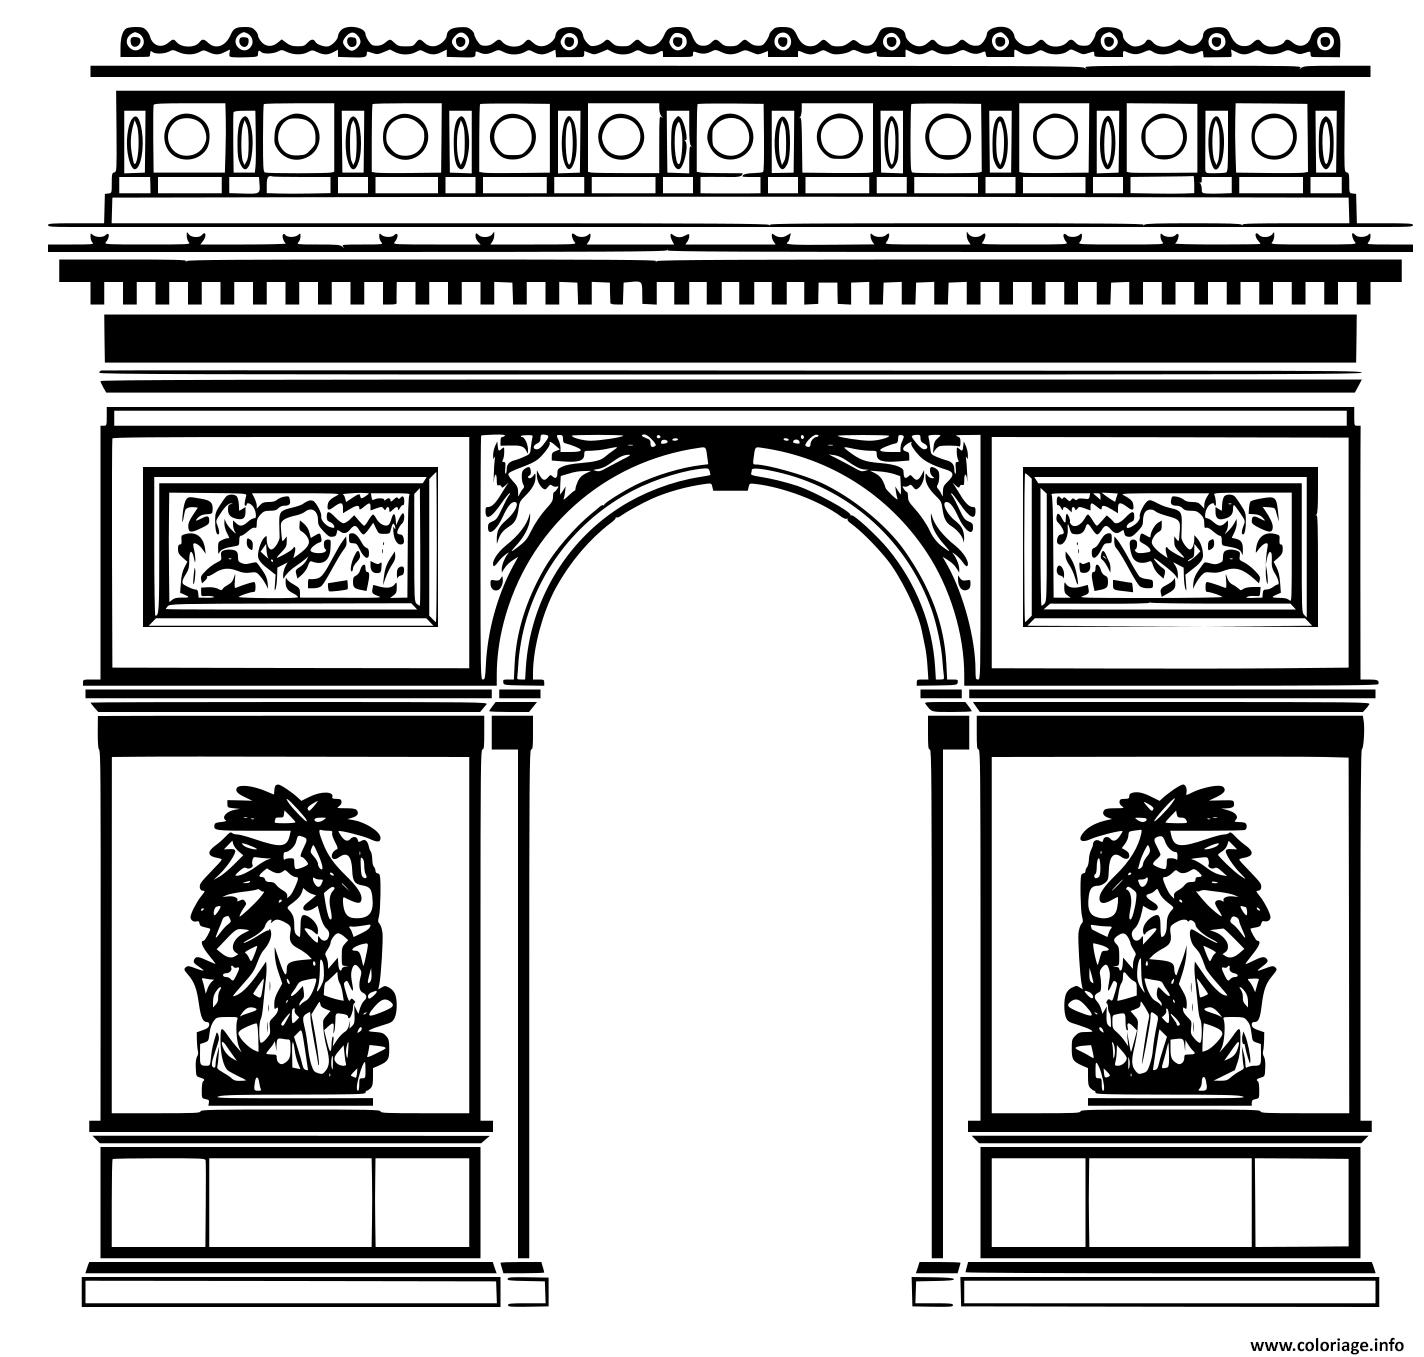 Coloriage Ville De Paris Arc De Triomphe dessin